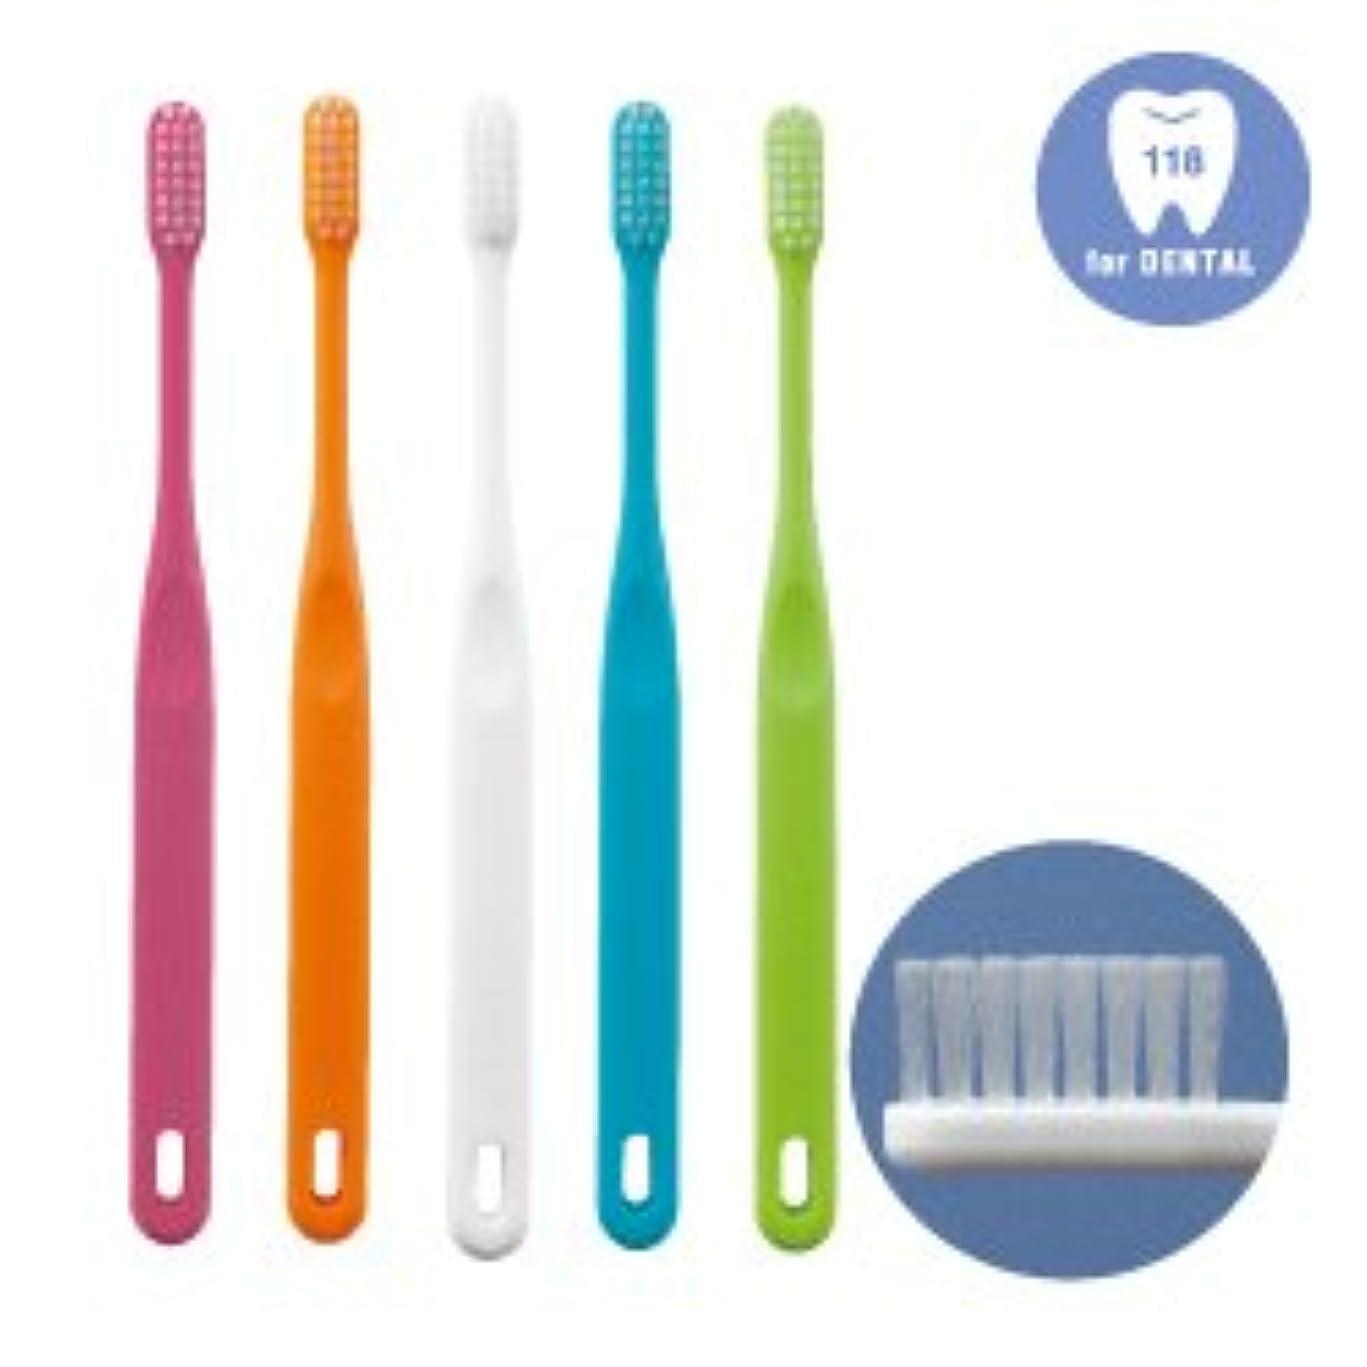 歯科専用歯ブラシ「118シリーズ」Advance(アドバンス)M(ふつう)25本